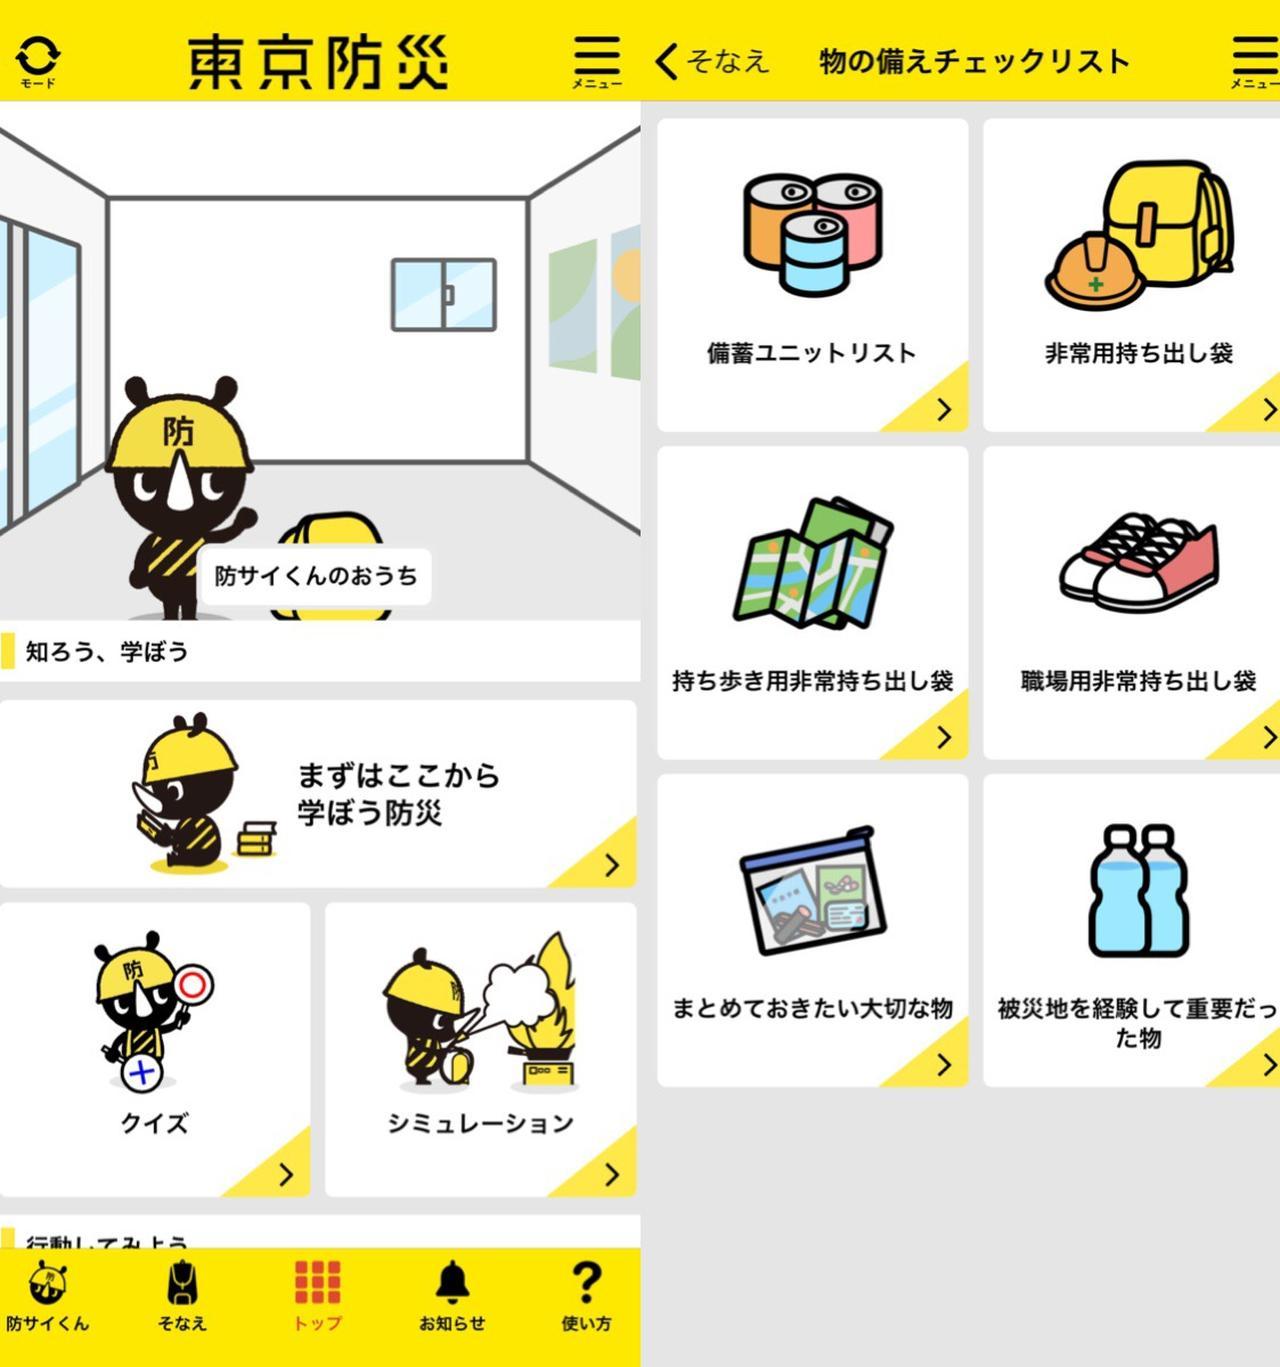 画像1: 「東京防災モード」では基礎知識や災害時の行動を予習。